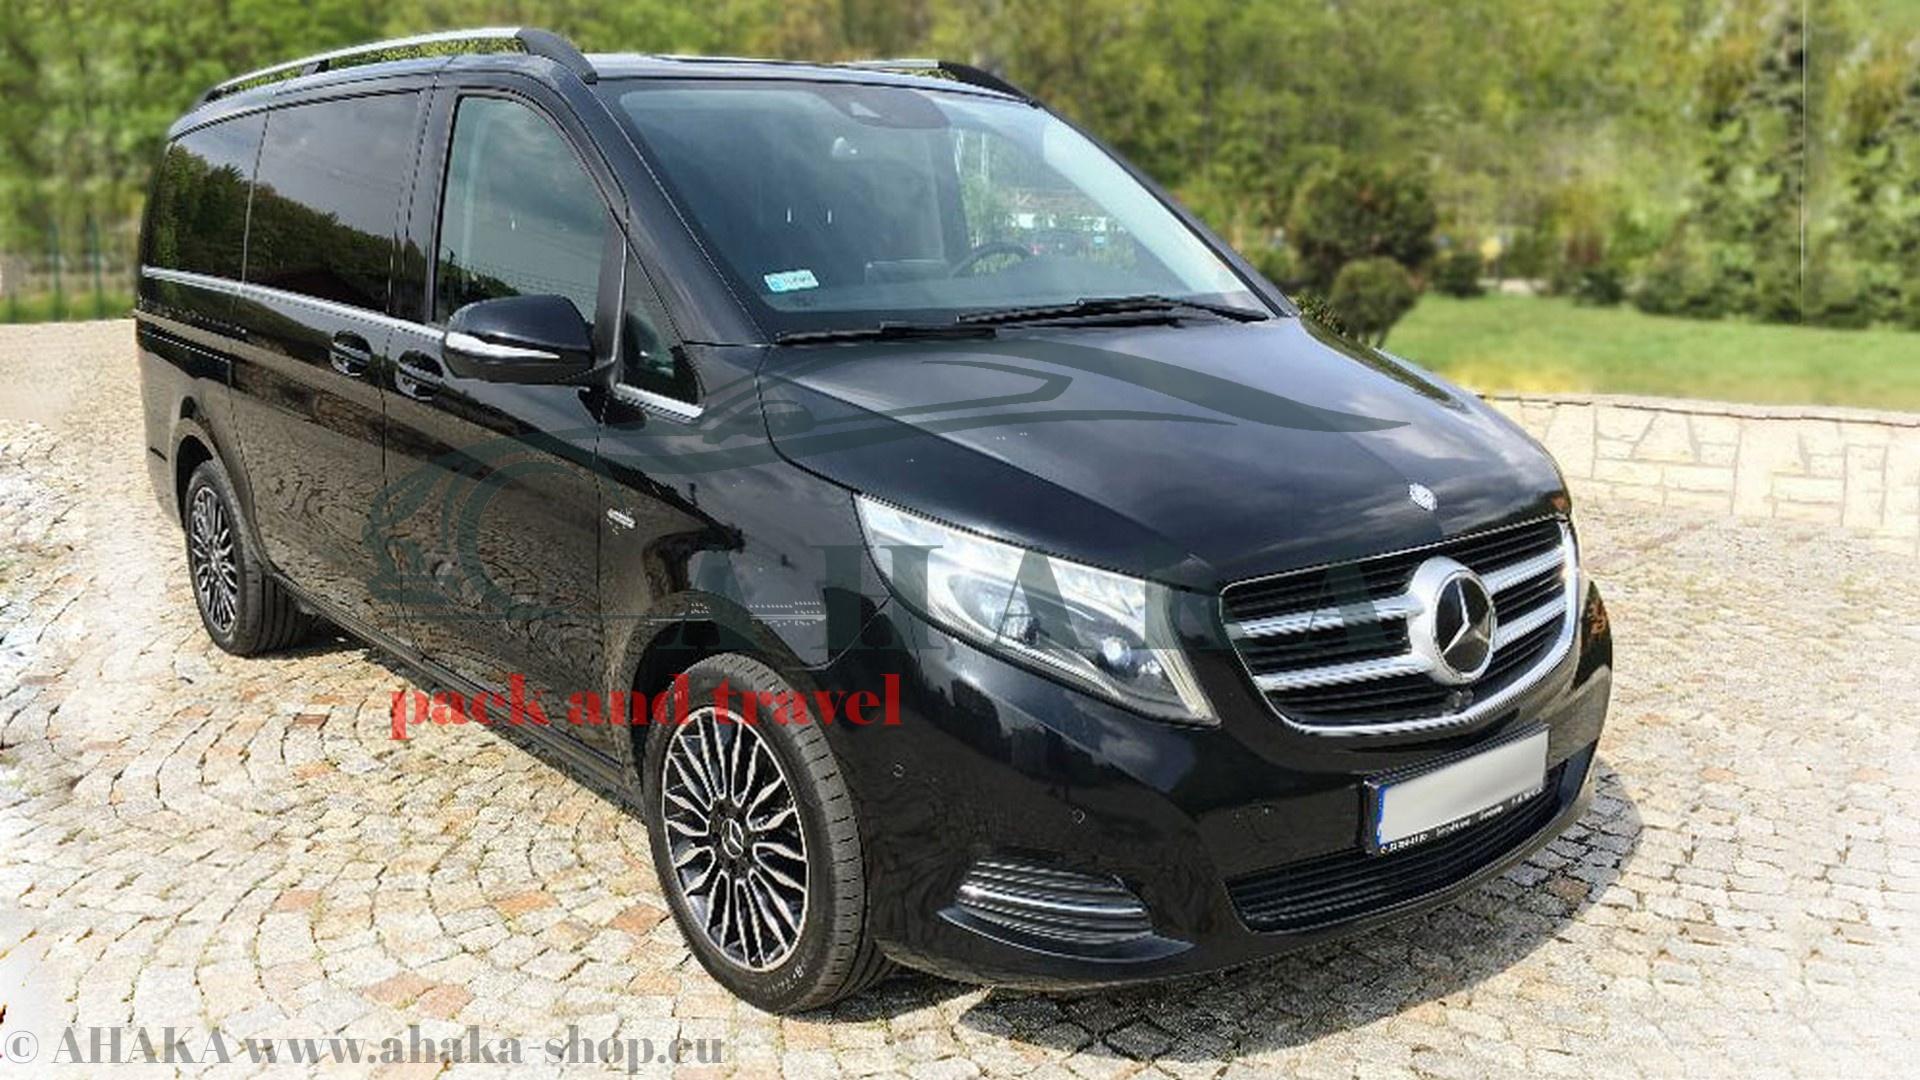 7polig NEU Für Mercedes C Kl T-Modell 07-14 AUTO HAK Anhängerkupplung starr